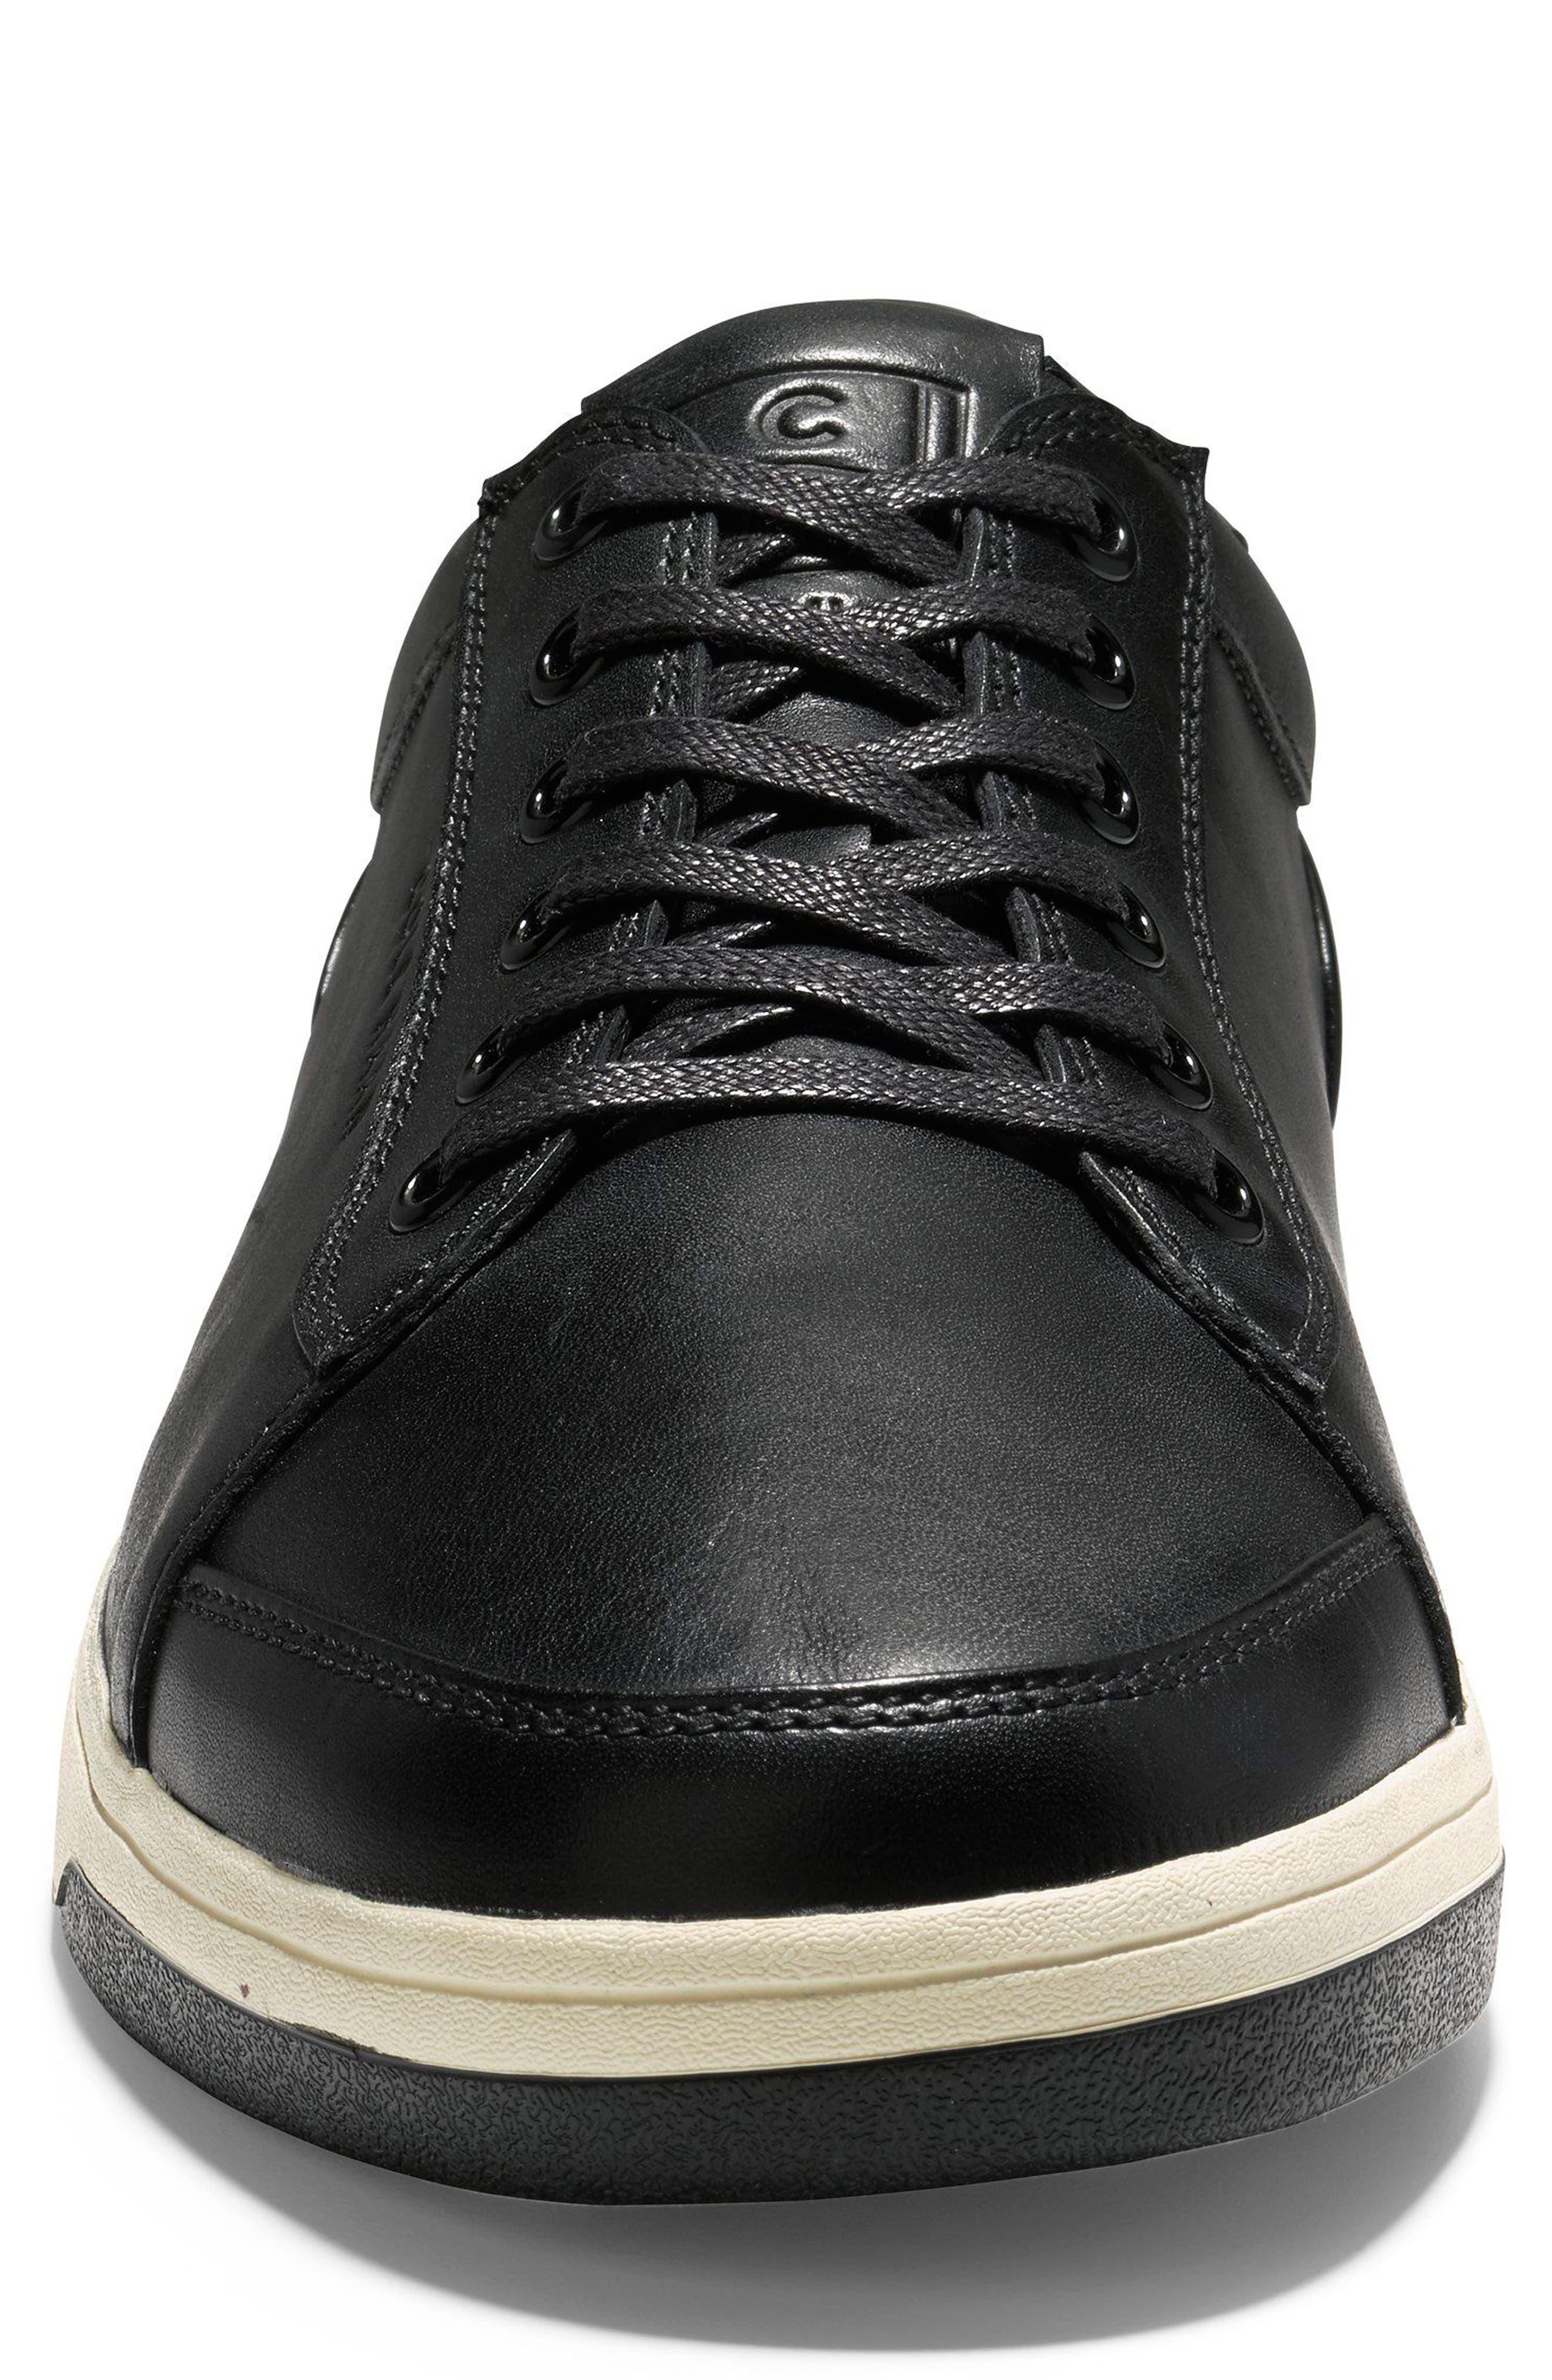 GrandPro Spectator Sneaker,                             Alternate thumbnail 4, color,                             001